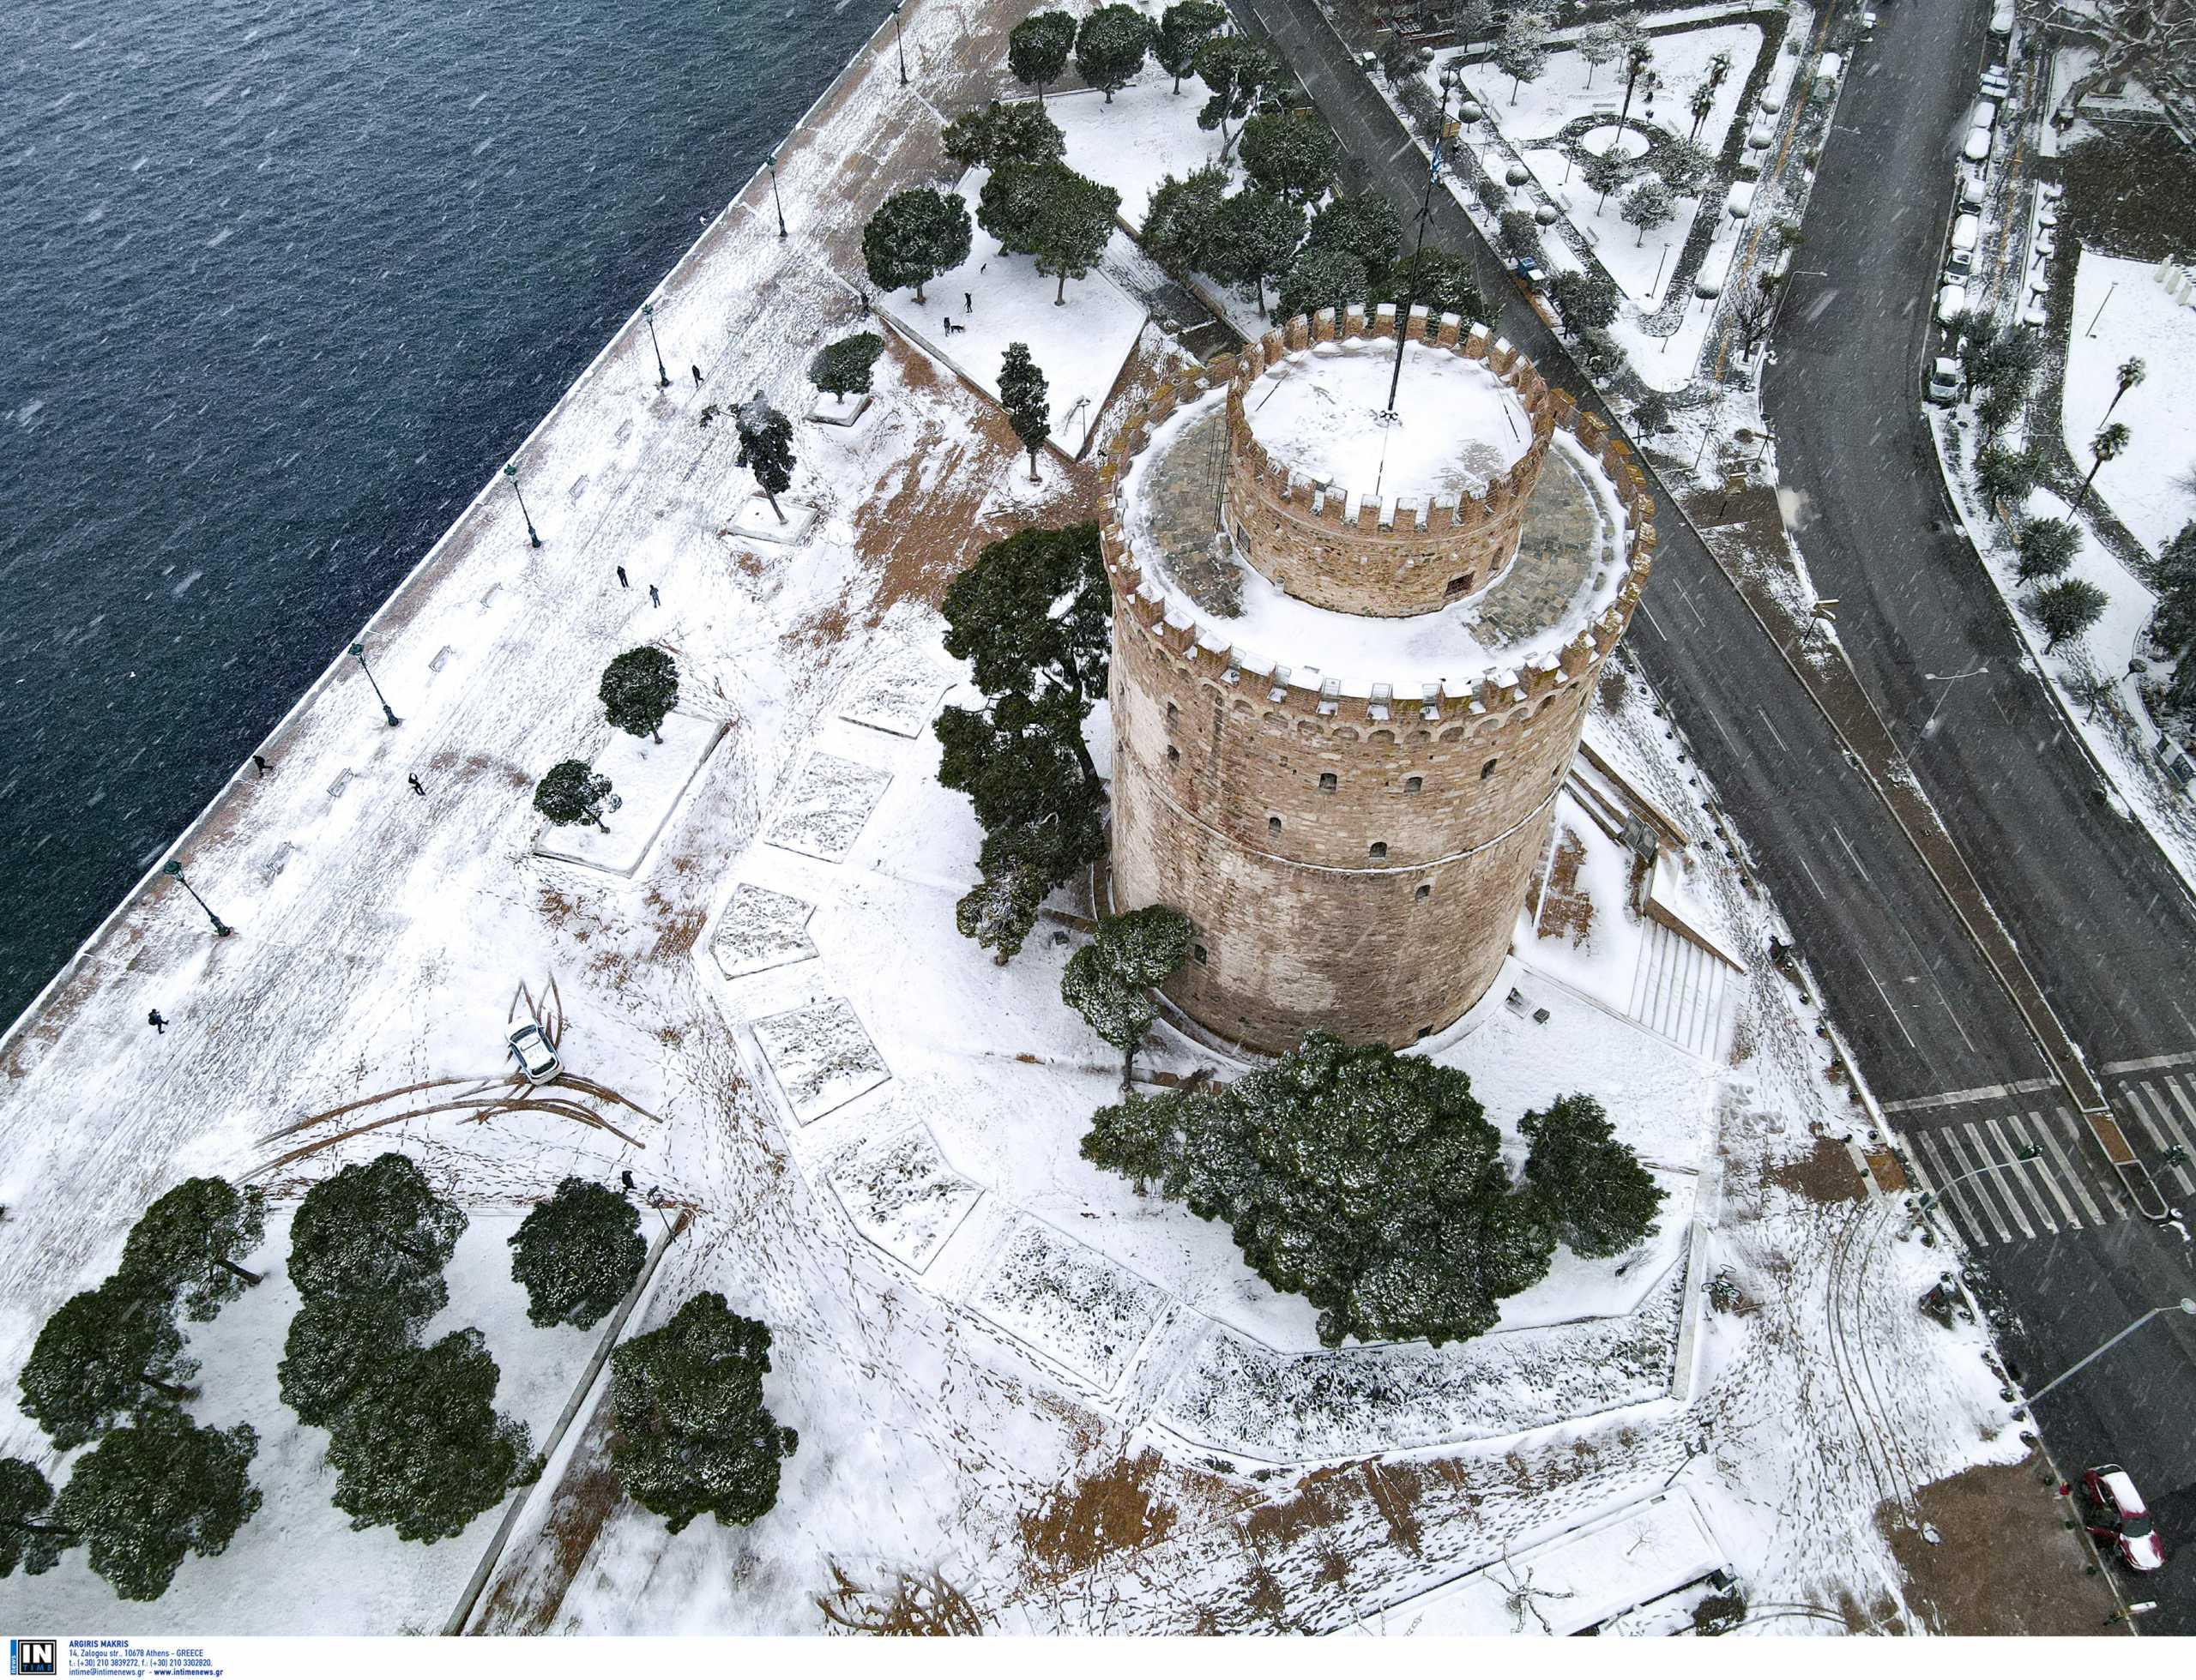 Κλειστά σχολεία στη Θεσσαλονίκη – Δεν θα ανοίξουν ούτε παιδικοί και βρεφονηπιακοί σταθμοί